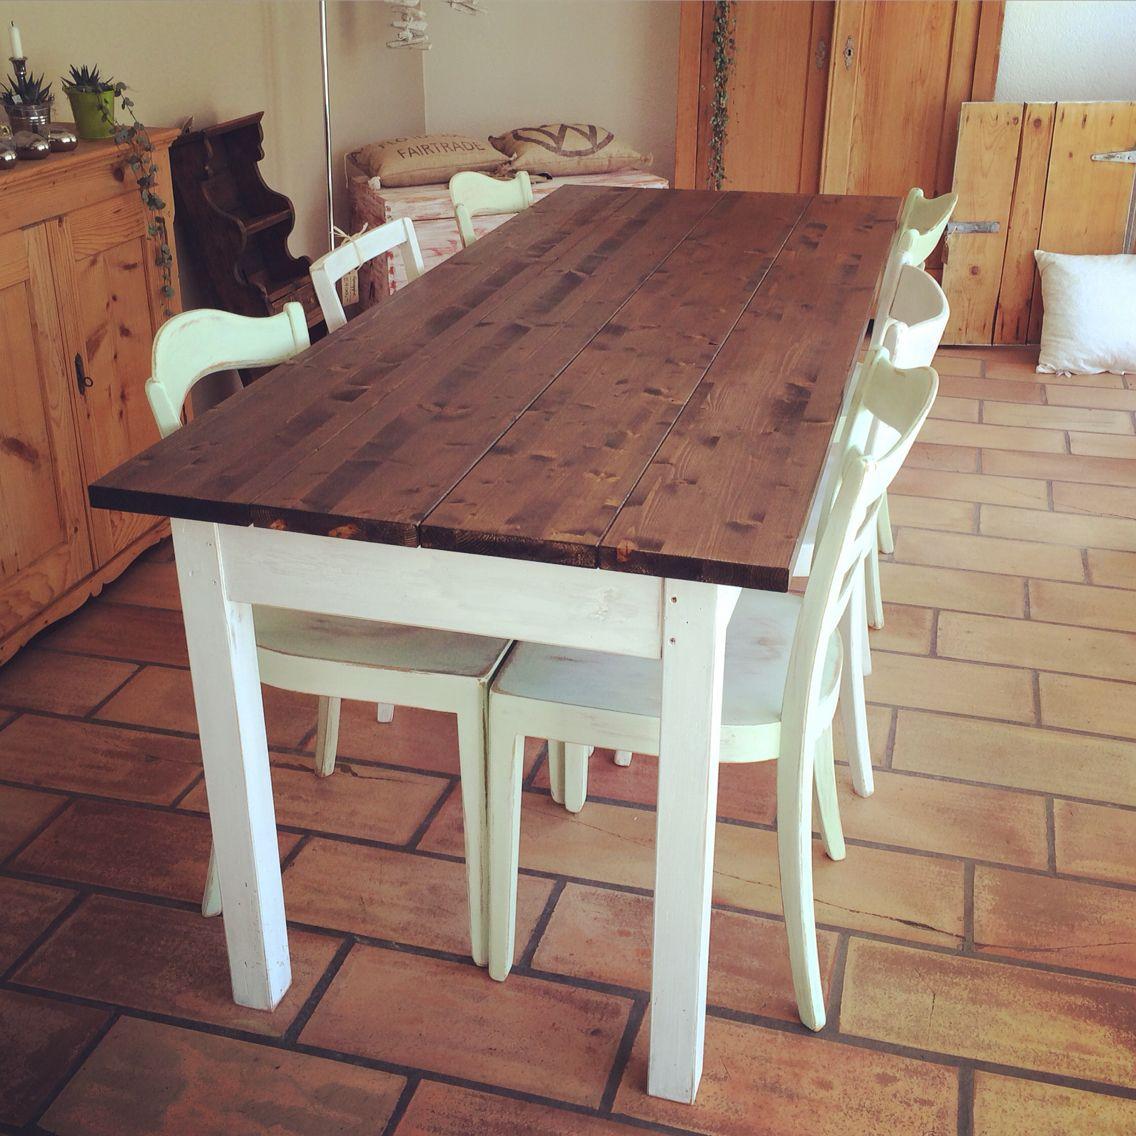 Schön Kücheninsel Tisch Australien Fotos - Ideen Für Die Küche ...